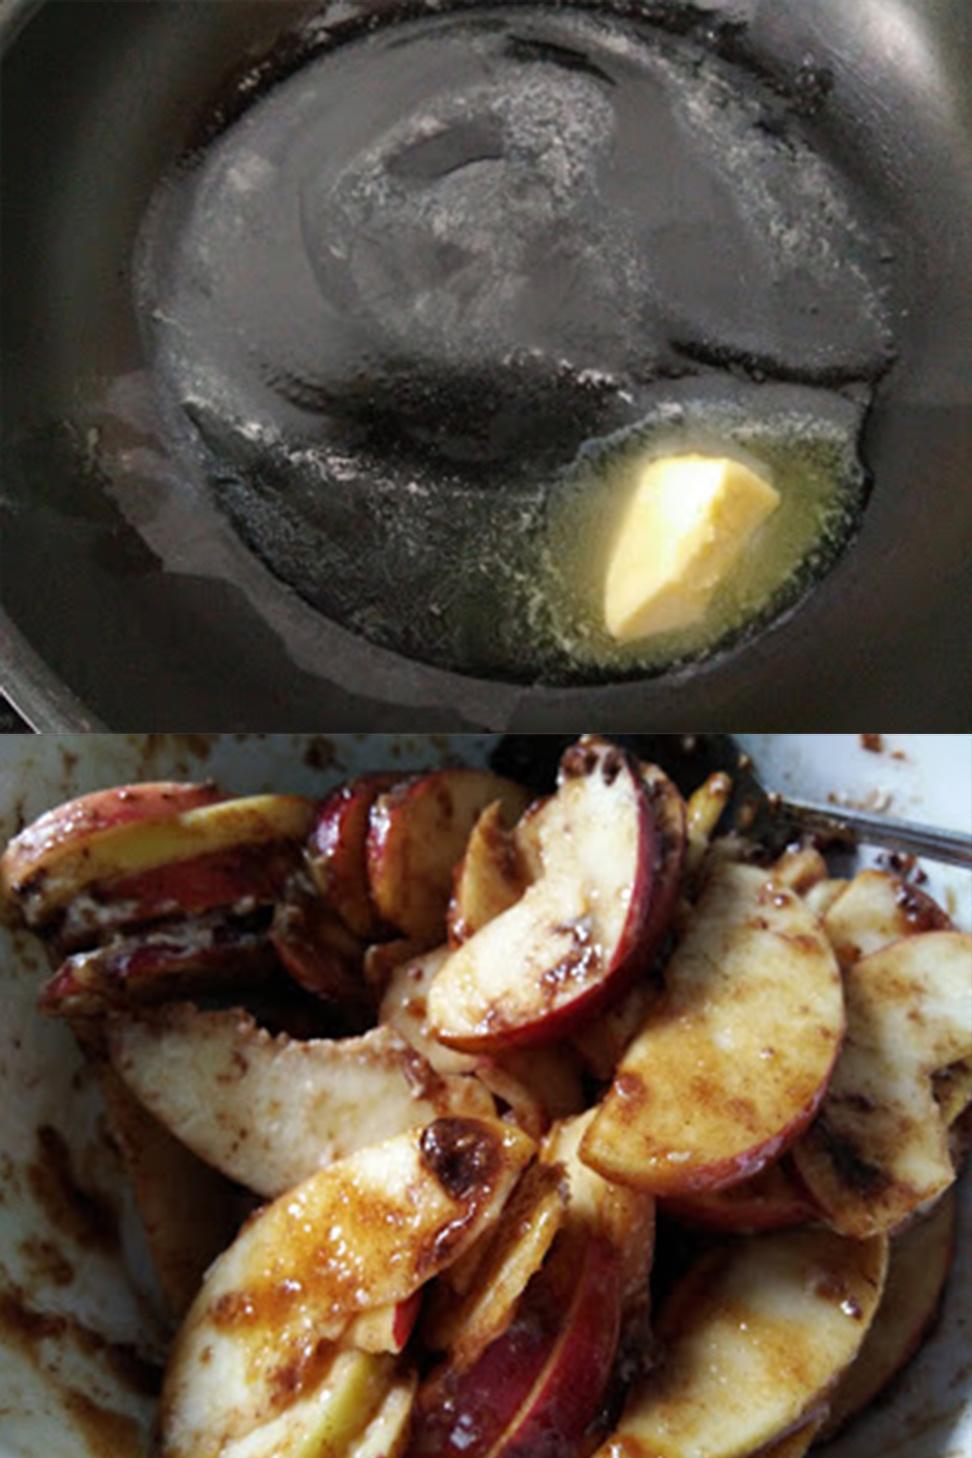 Công thức bánh tart táo 03 công thức bánh tart táo Công thức bánh tart táo truyền thống cho người mới làm bánh cong thuc banh tart tao 03